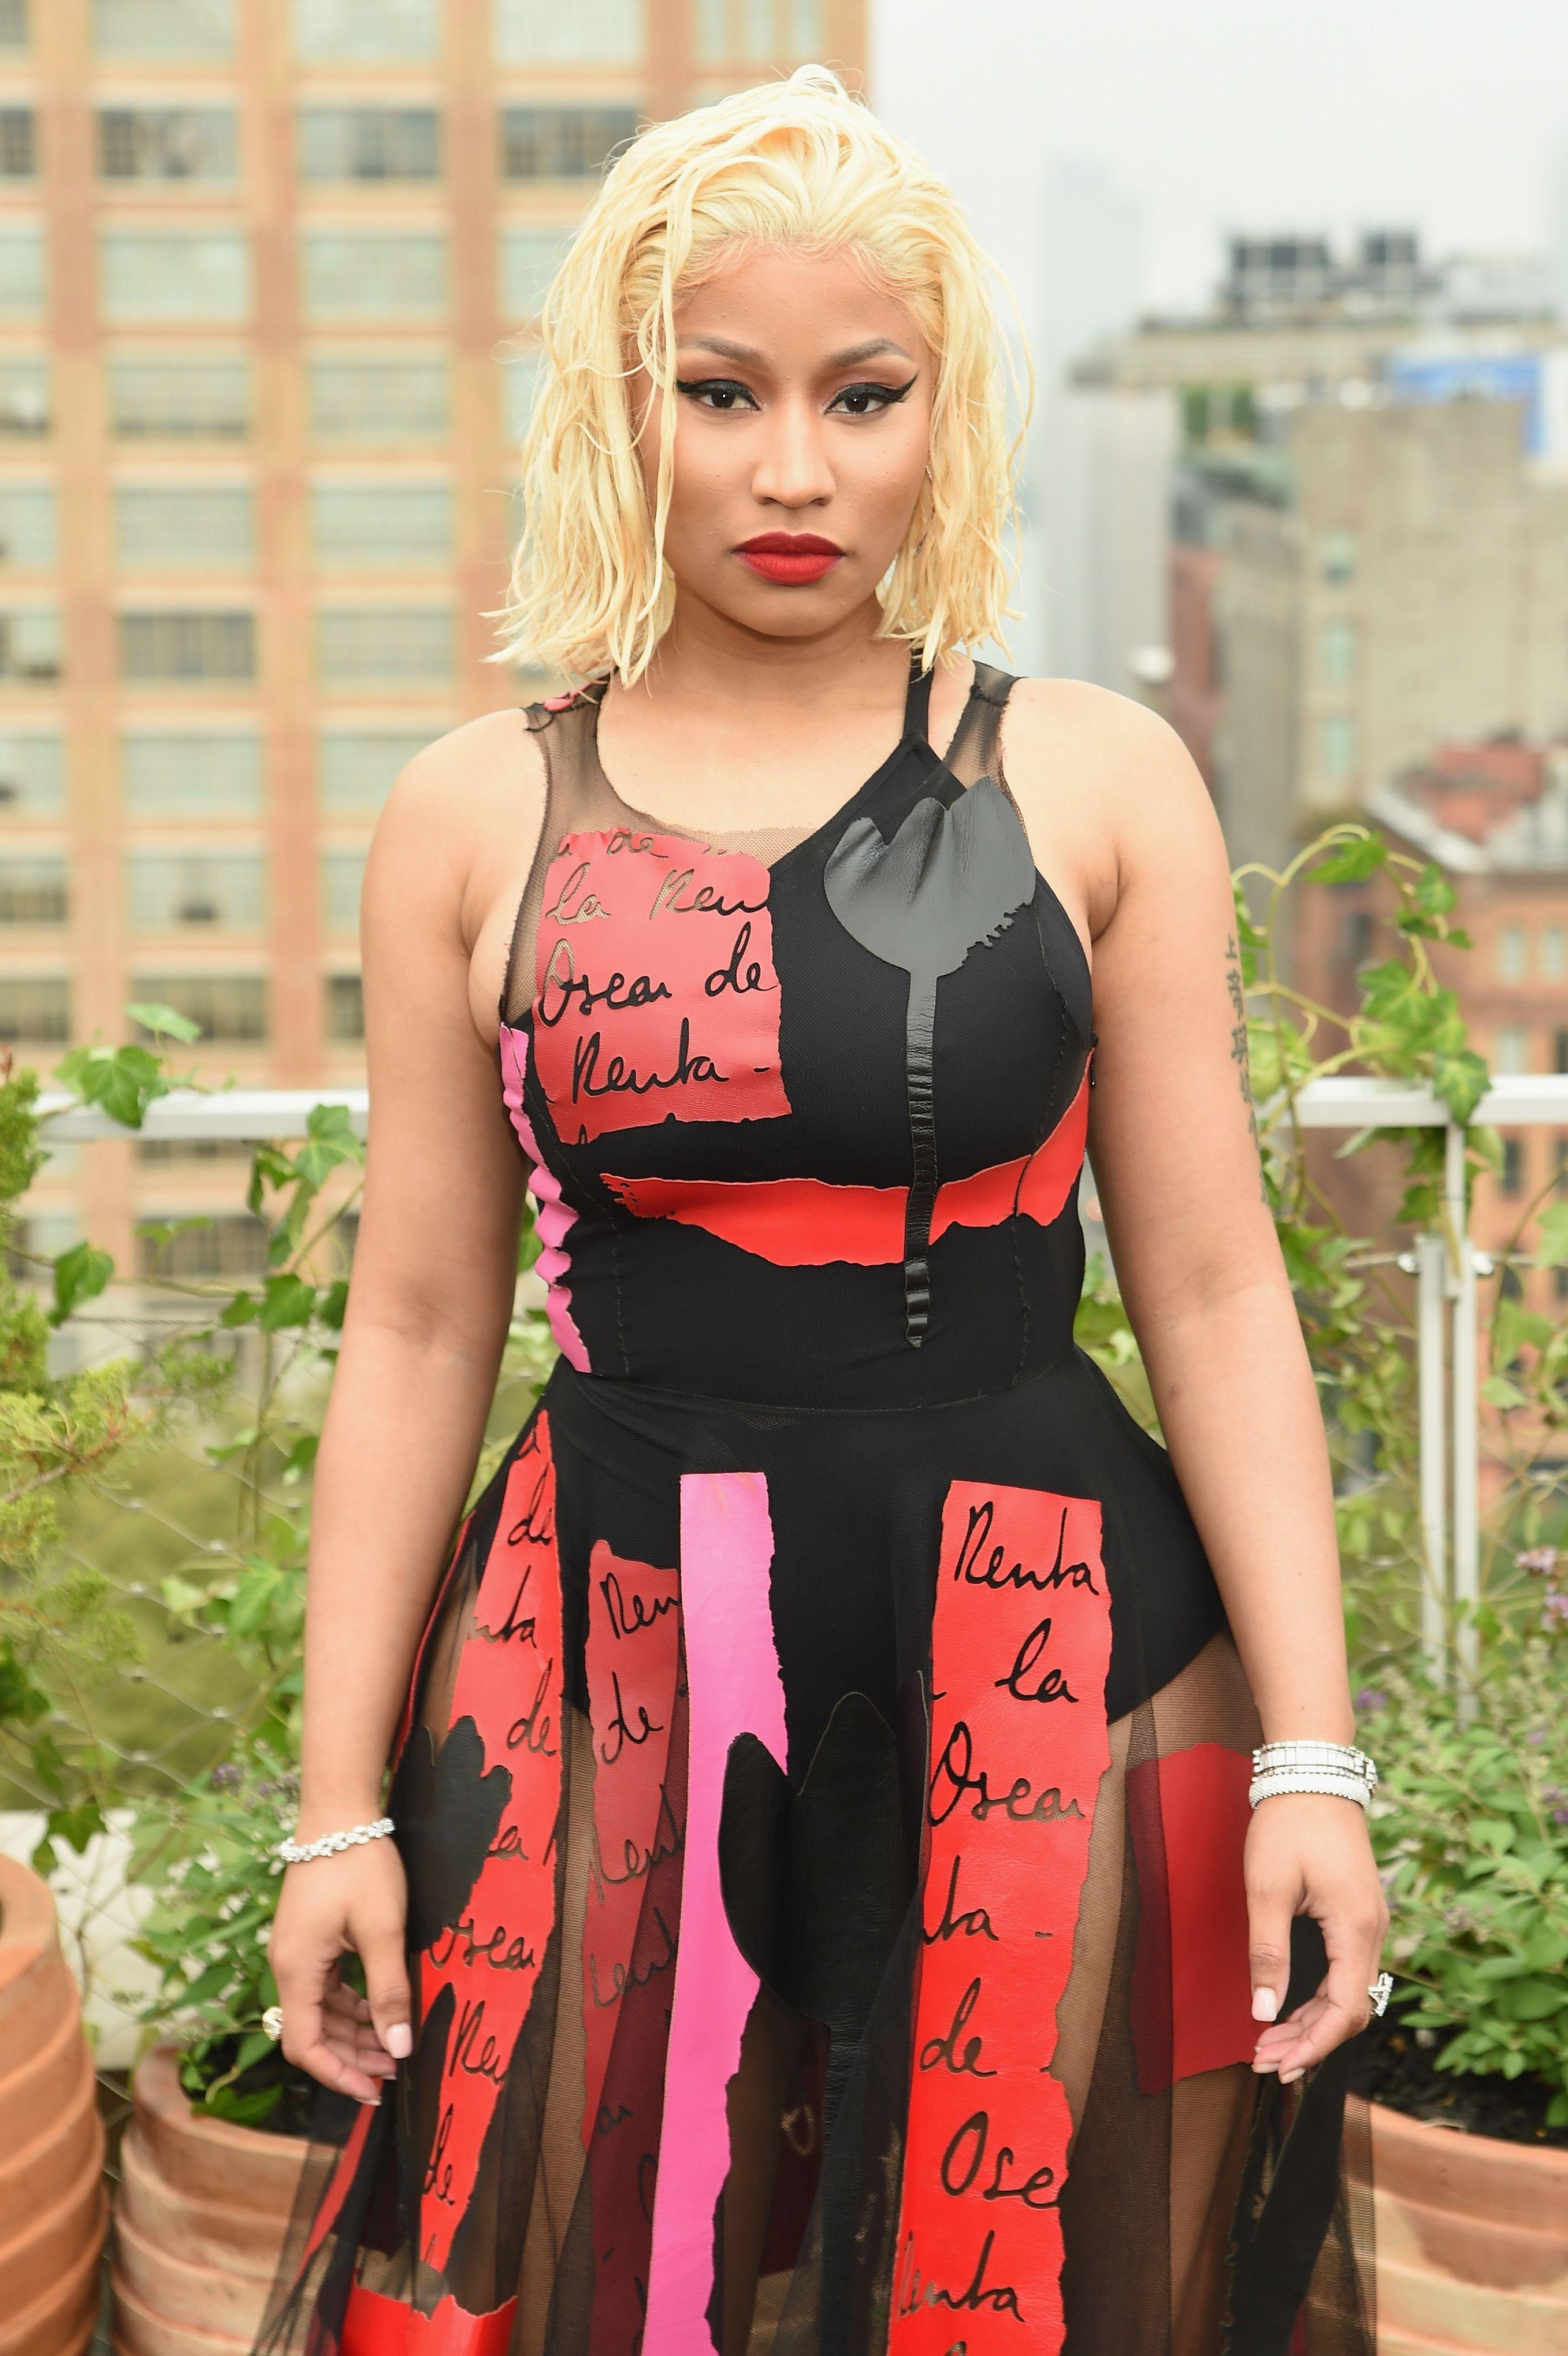 Nicki Minaj and Steve Madden Feud on